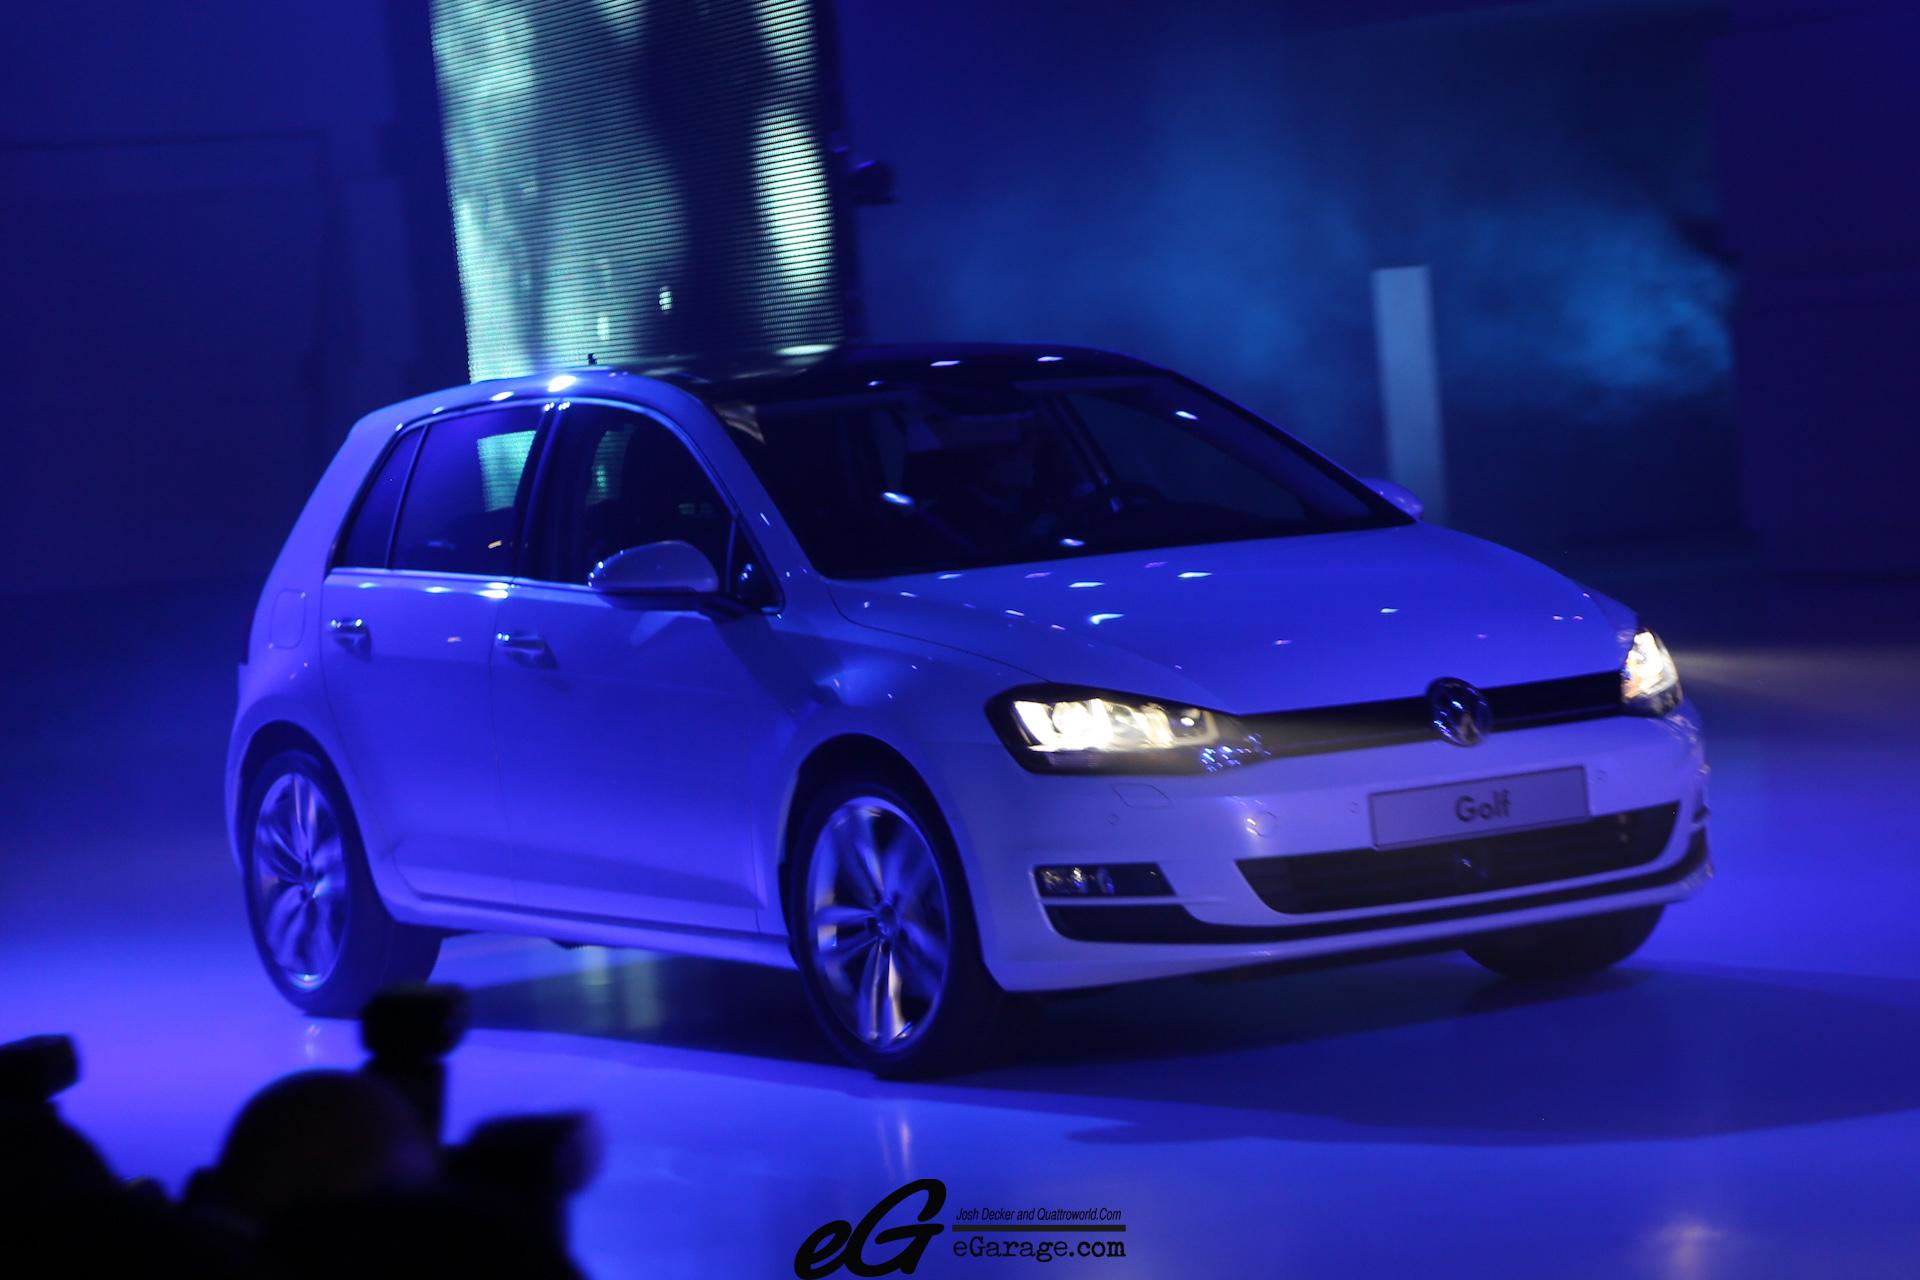 8030384895 c485112849 o 2012 Paris Motor Show